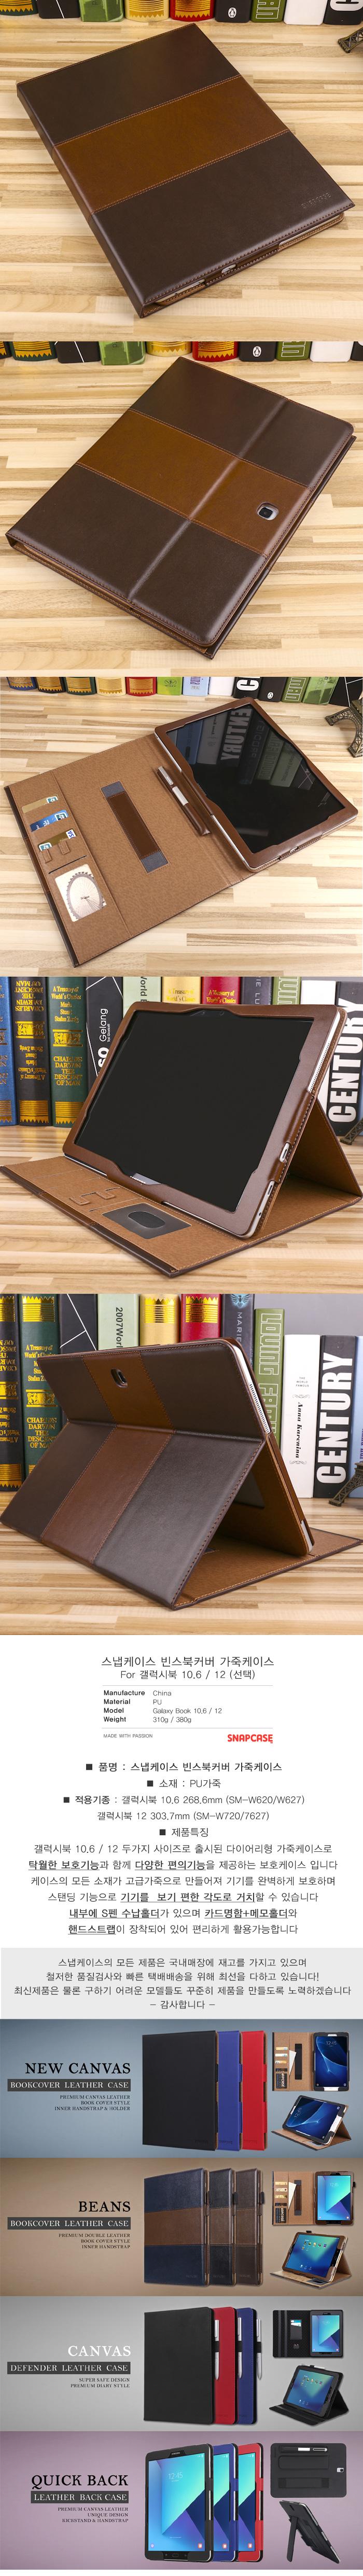 스냅케이스 갤럭시북12 10.6 빈스북커버 가죽케이스 - 스냅케이스, 23,000원, 케이스, 기타 갤럭시 제품